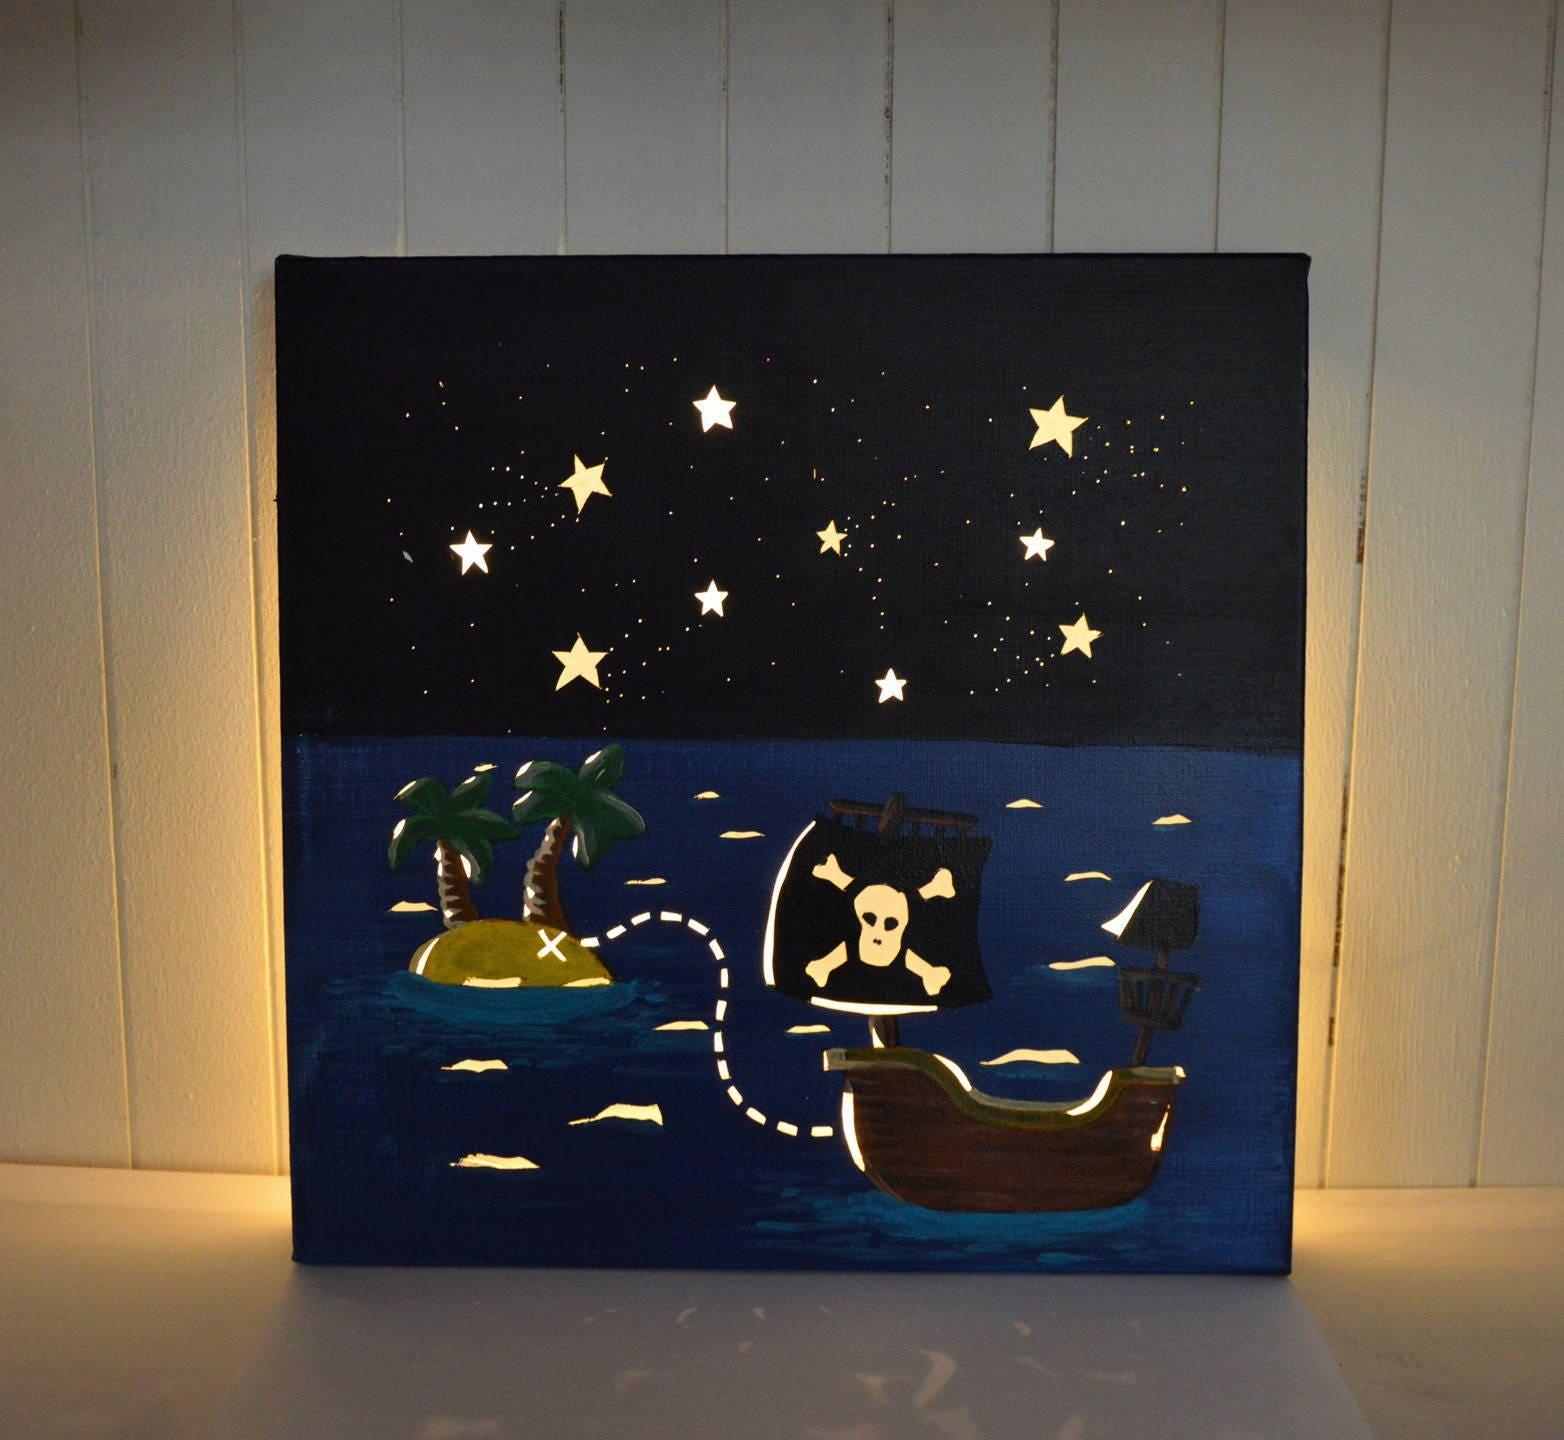 tableau lumineux led d coration murale chambre d 39 enfant. Black Bedroom Furniture Sets. Home Design Ideas